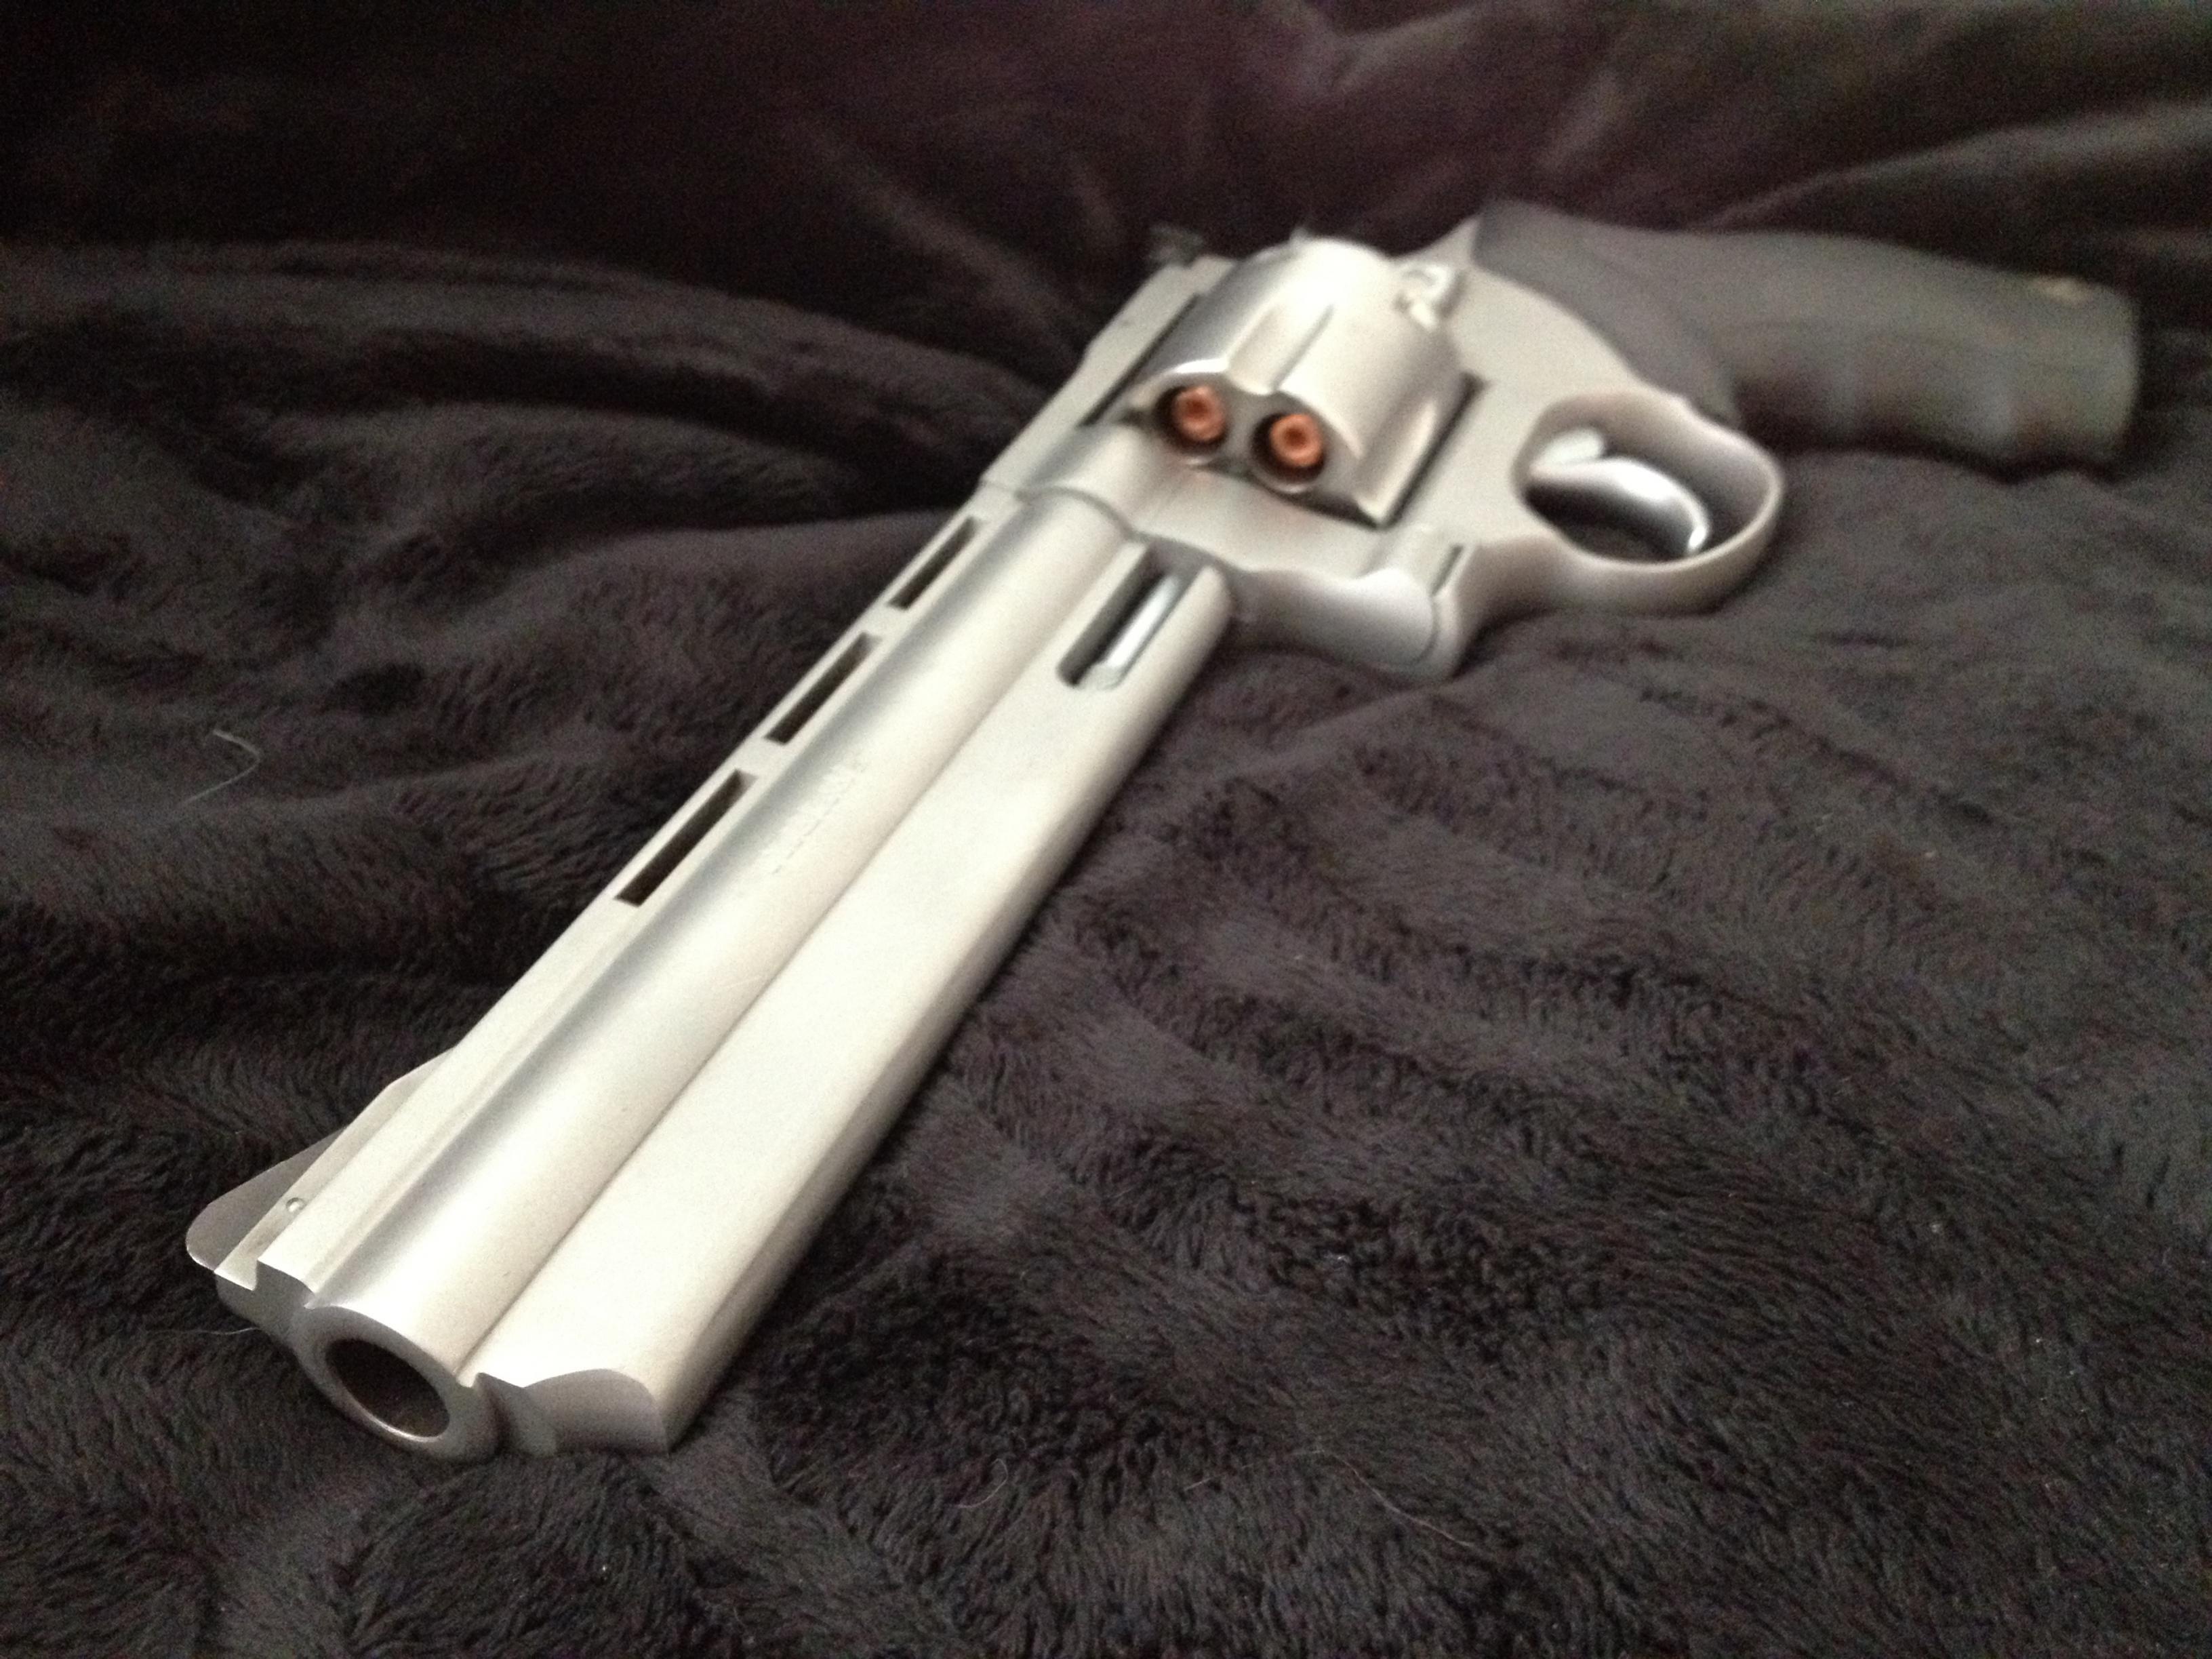 My Taurus  44 Magnum